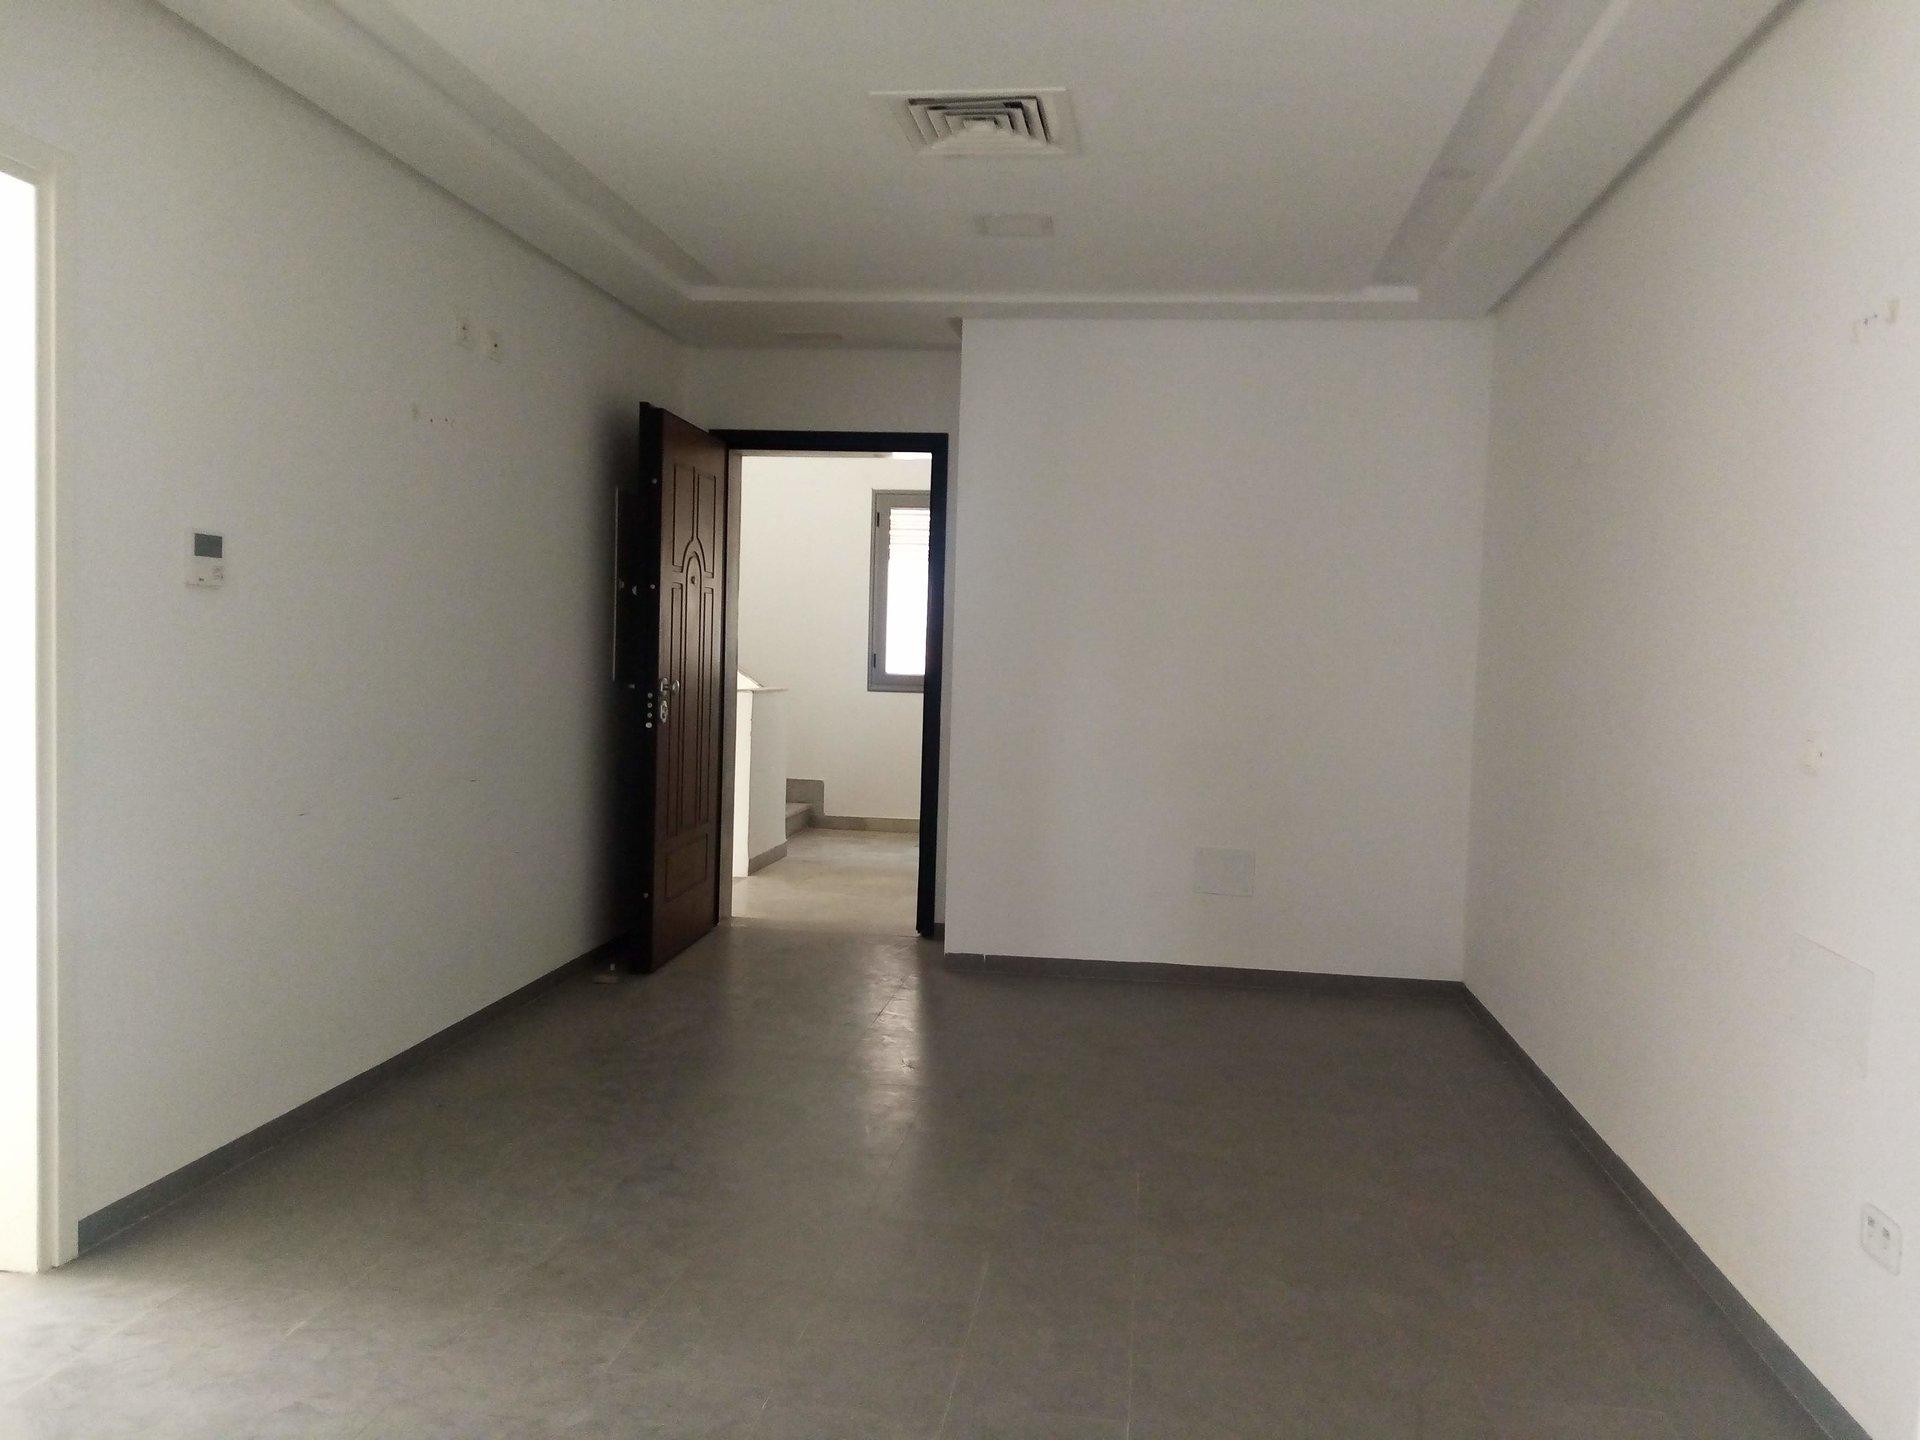 Location Bureau - Le Kram - Tunisie